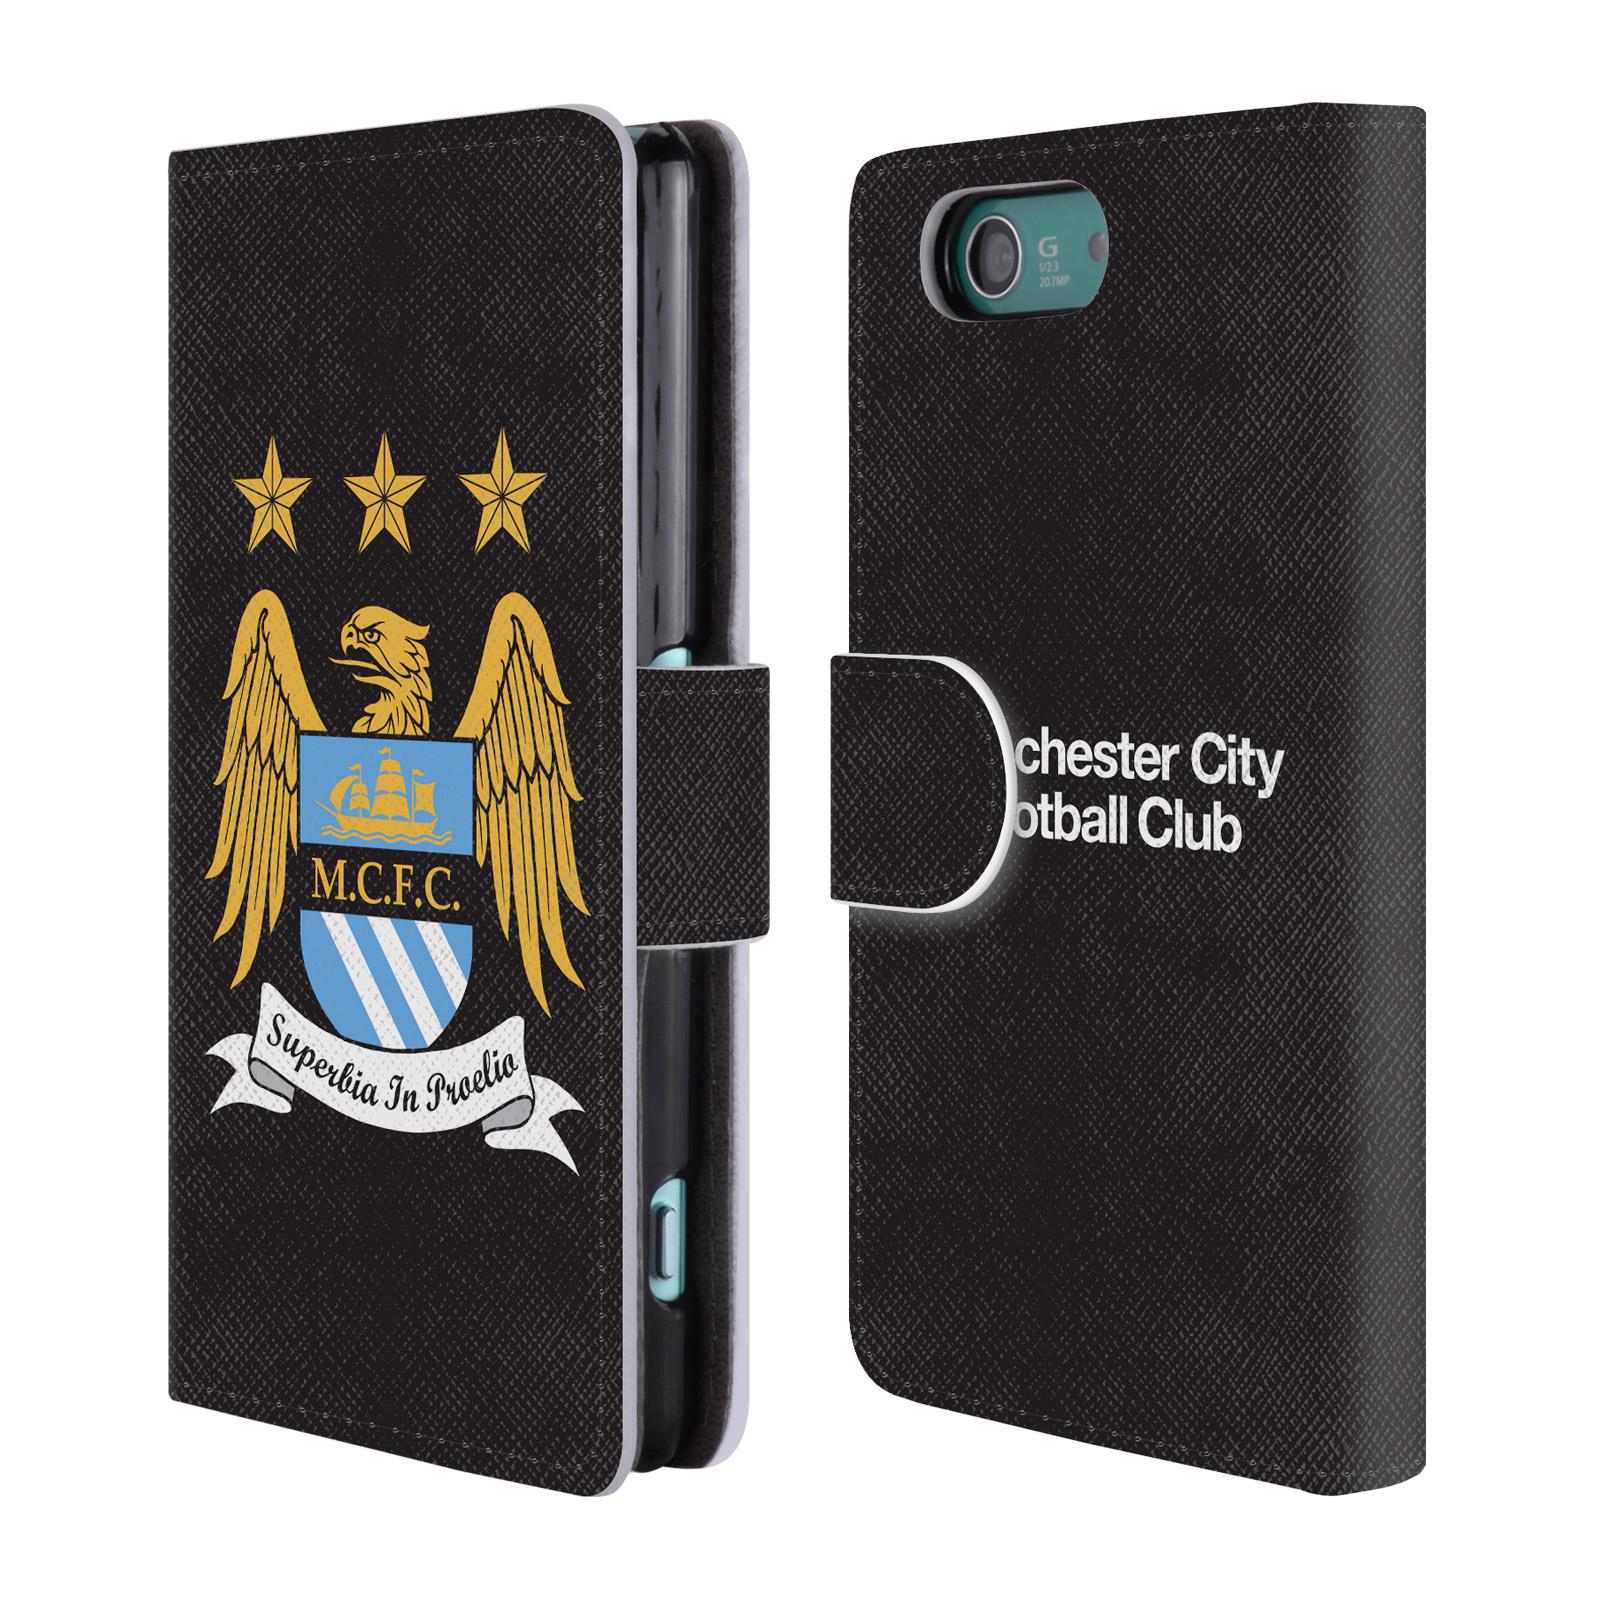 HEAD CASE Flipové pouzdro pro mobil Sony Xperia Z3 COMPACT (D5803) Oficiální Manchester City znak a černé pozadí